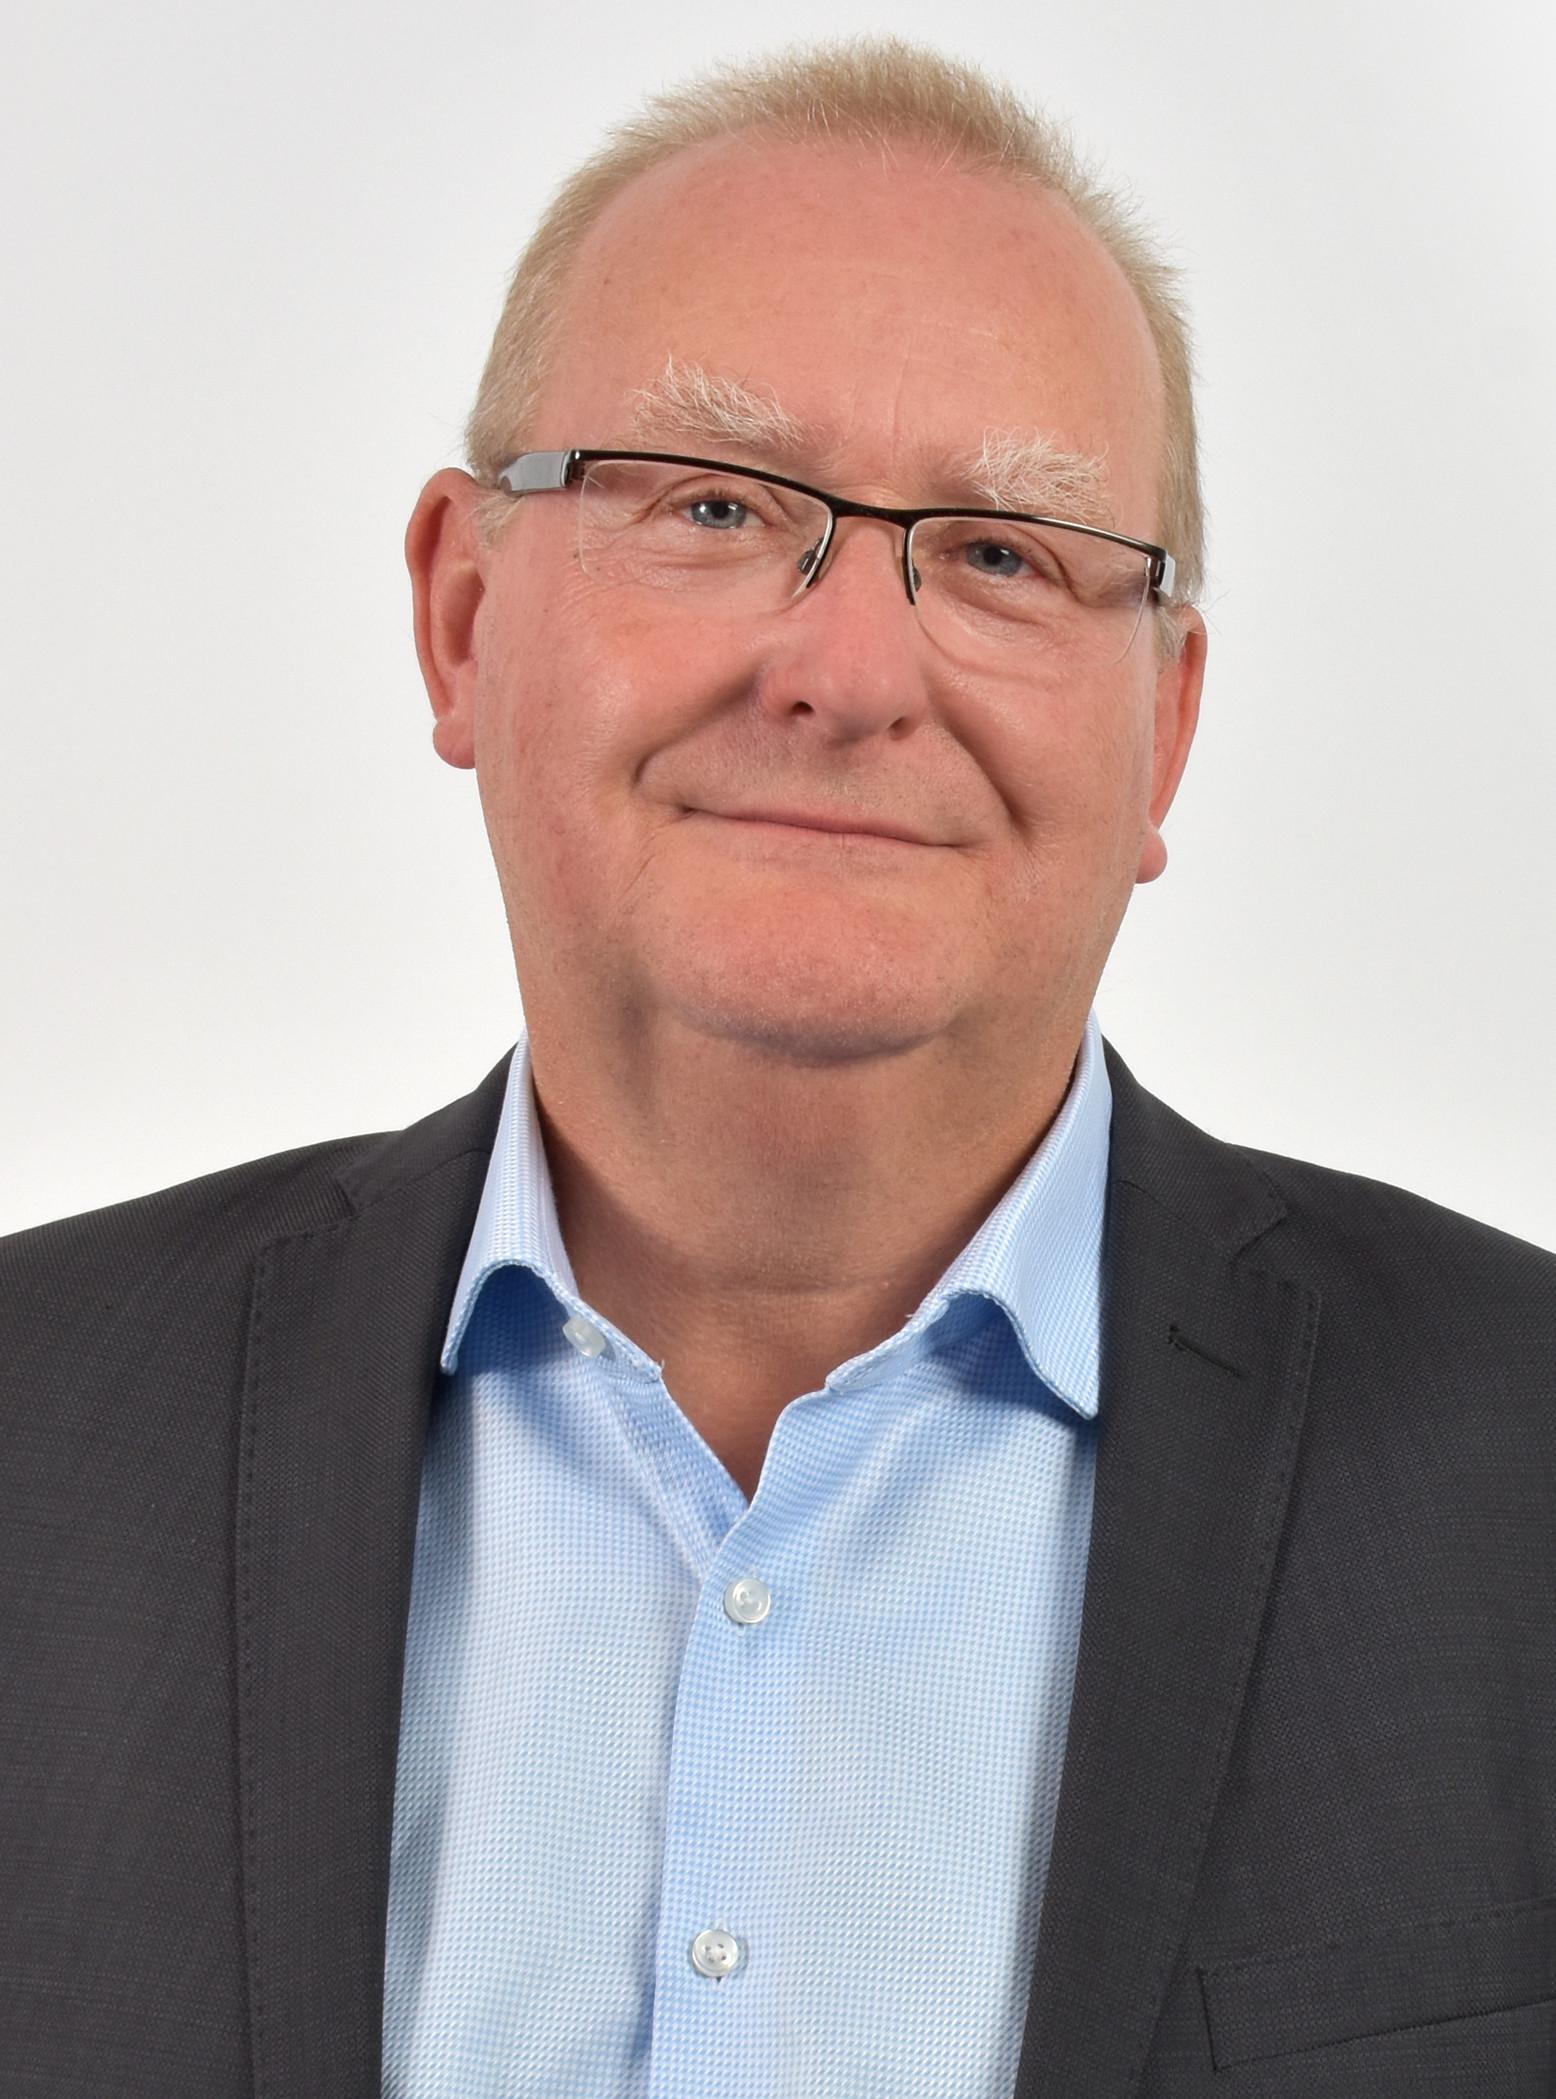 Martin Rosowski